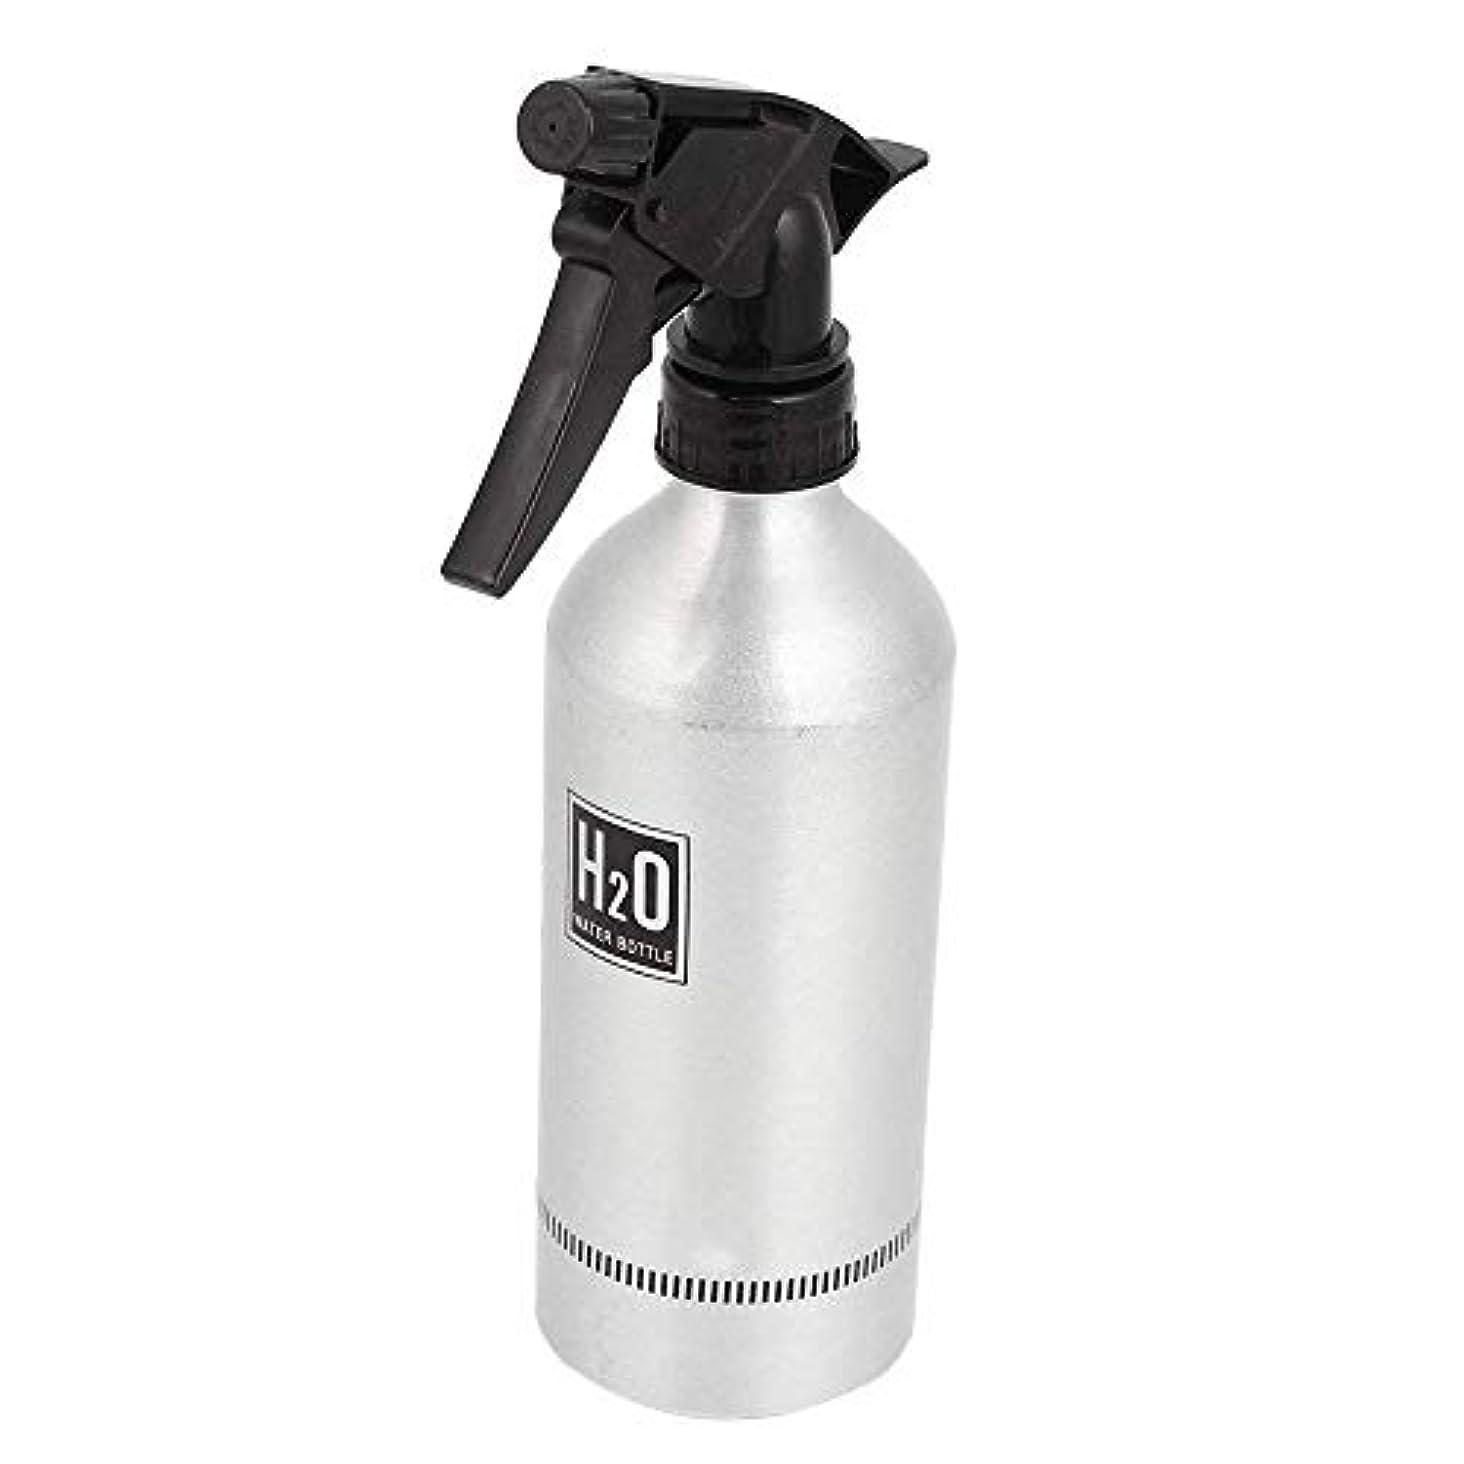 呼び起こす出身地レポートを書くOnior アルミ スプレー缶 水髪器 スプレー スプレーボトル 美容ツール サロン 理髪師 美容師 清潔 クリーニング 500ミリリットル